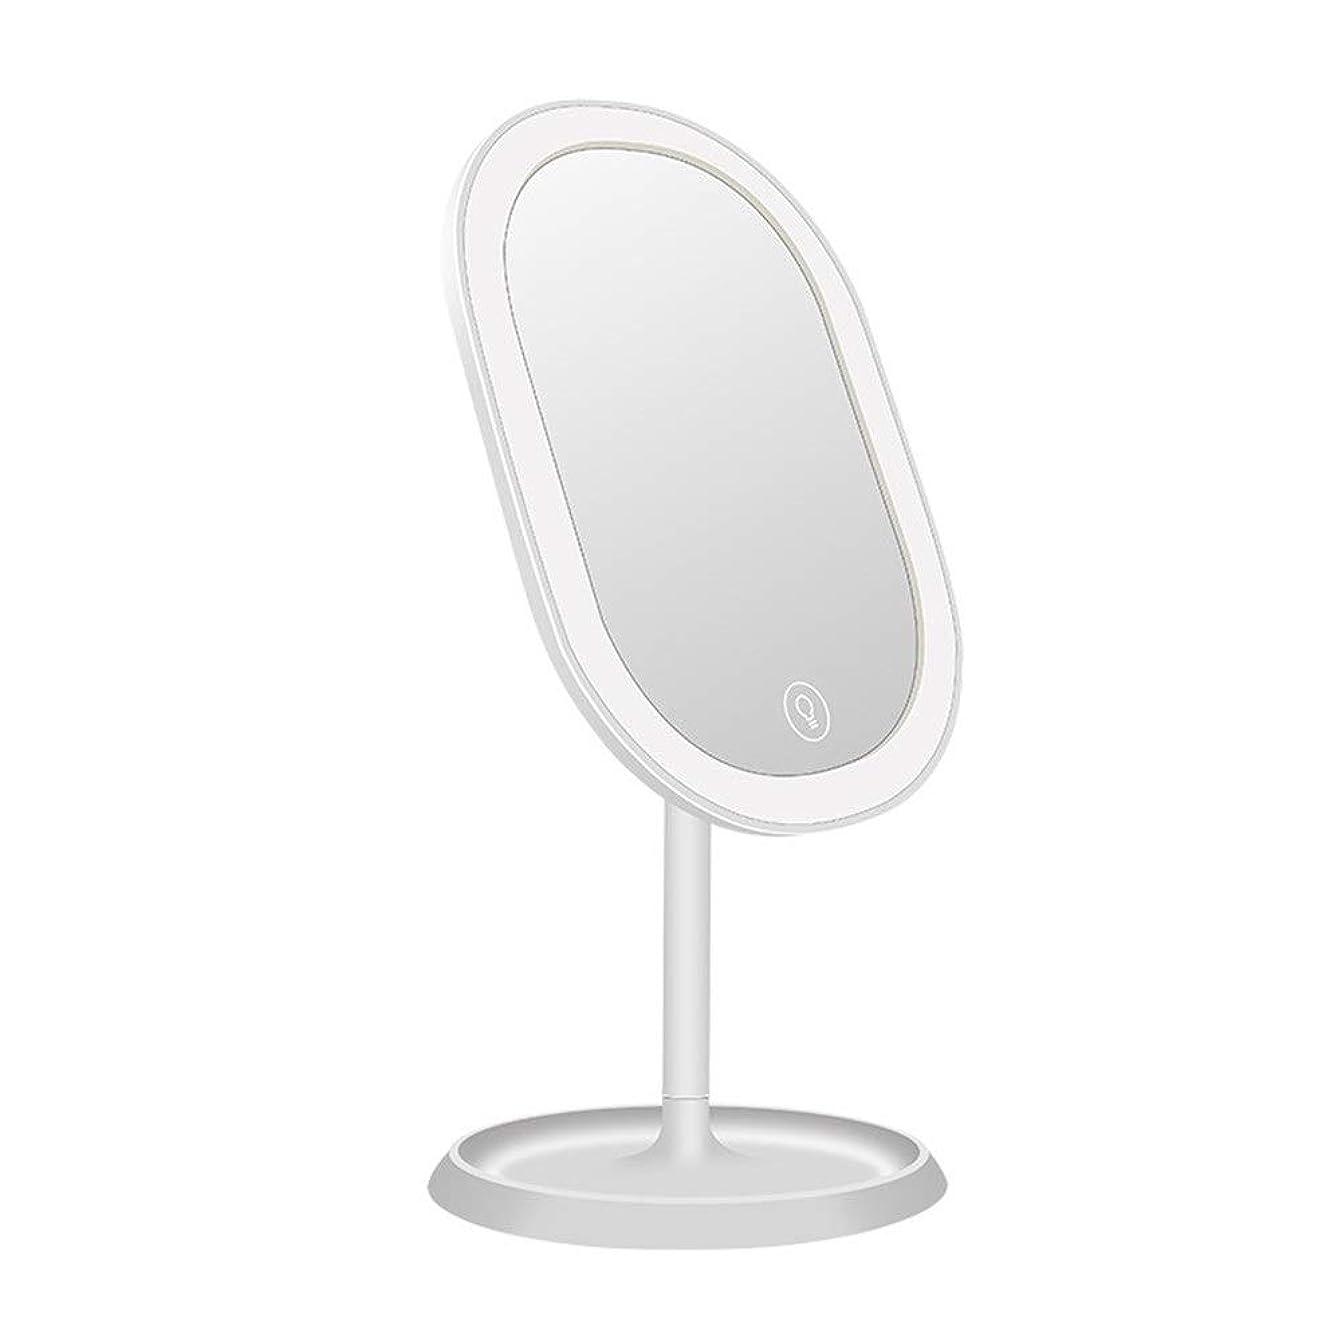 拒絶贈り物封筒卓上化粧鏡 Led照明付き化粧鏡付きライト充電式卓上化粧台タッチスクリーンスイッチ180度無料回転照明化粧品ミラー 彼女へのプレゼント (色 : 白, サイズ : ワンサイズ)